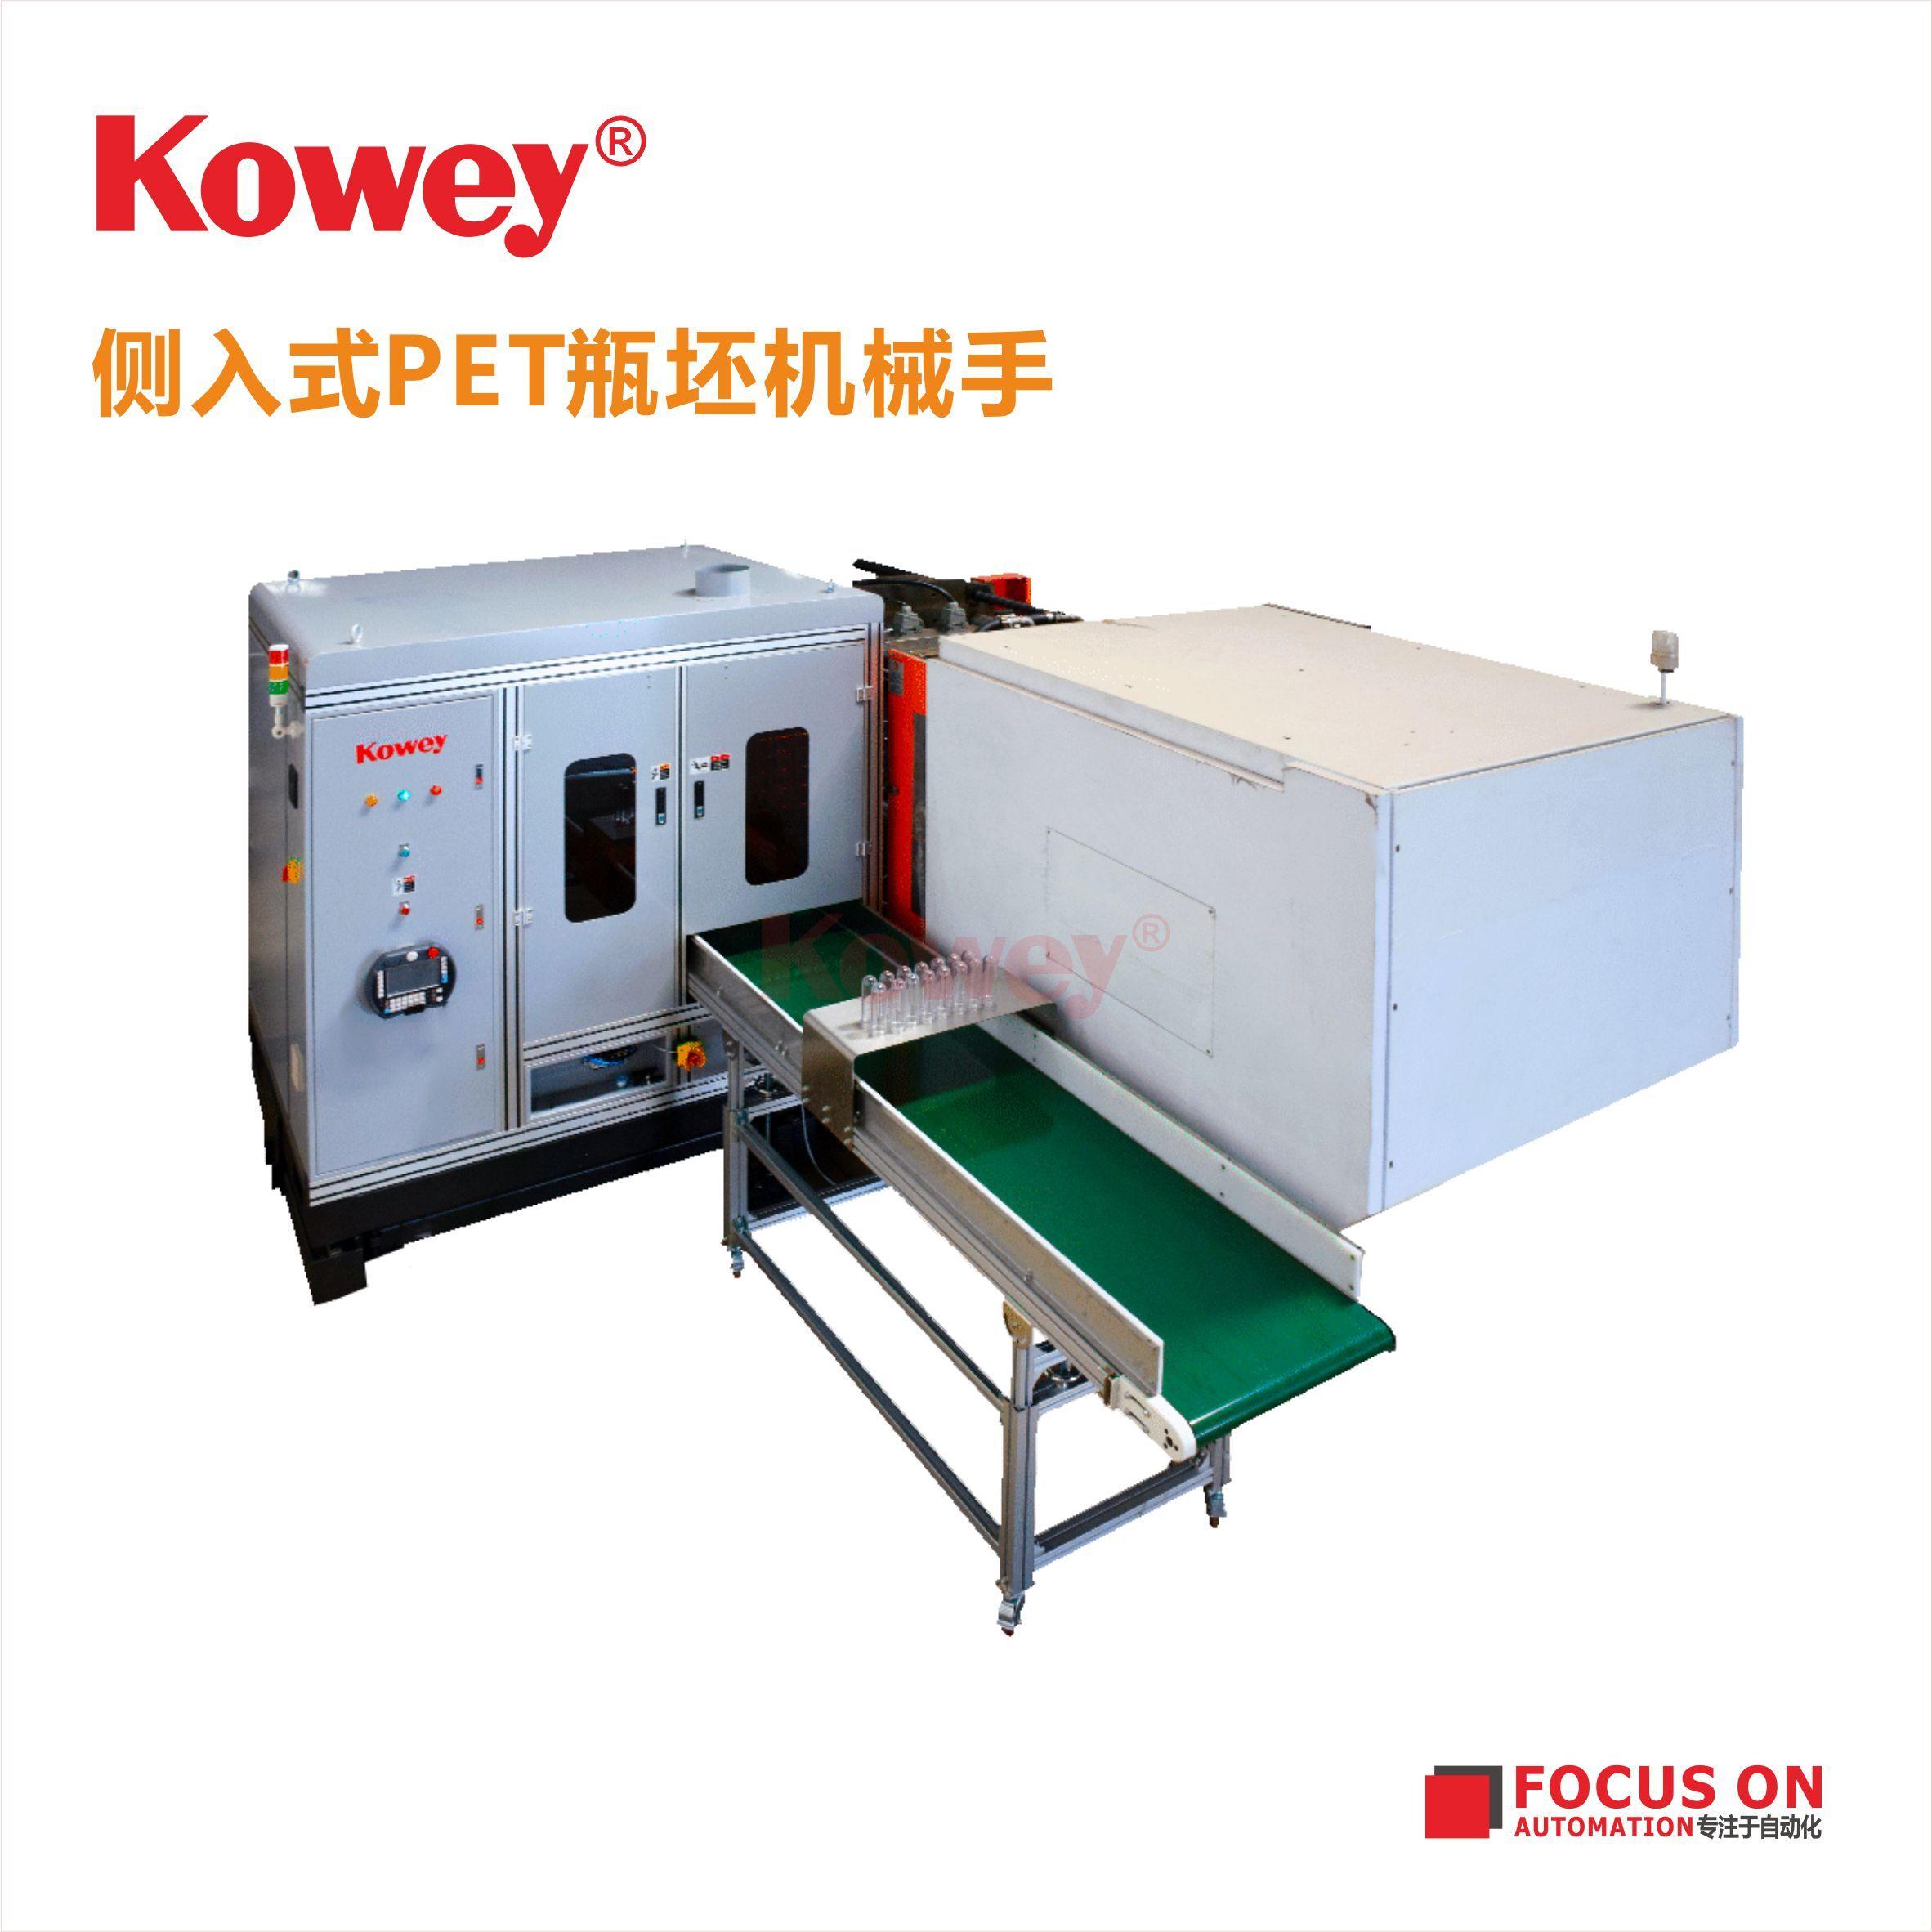 注塑机械手-瓶坯机械手-侧入式PET瓶坯机械手-三工位冷却机械手